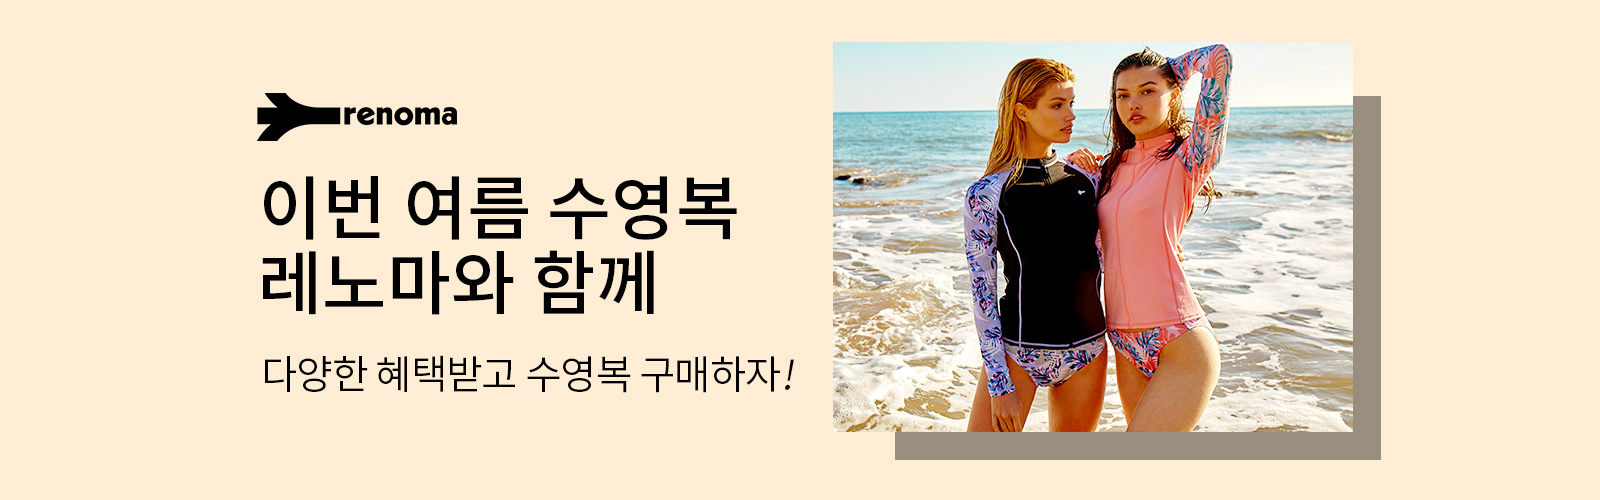 이번 여름 수영복 레노마와 함께 다양한 혜택받고 수영복 구매하자!